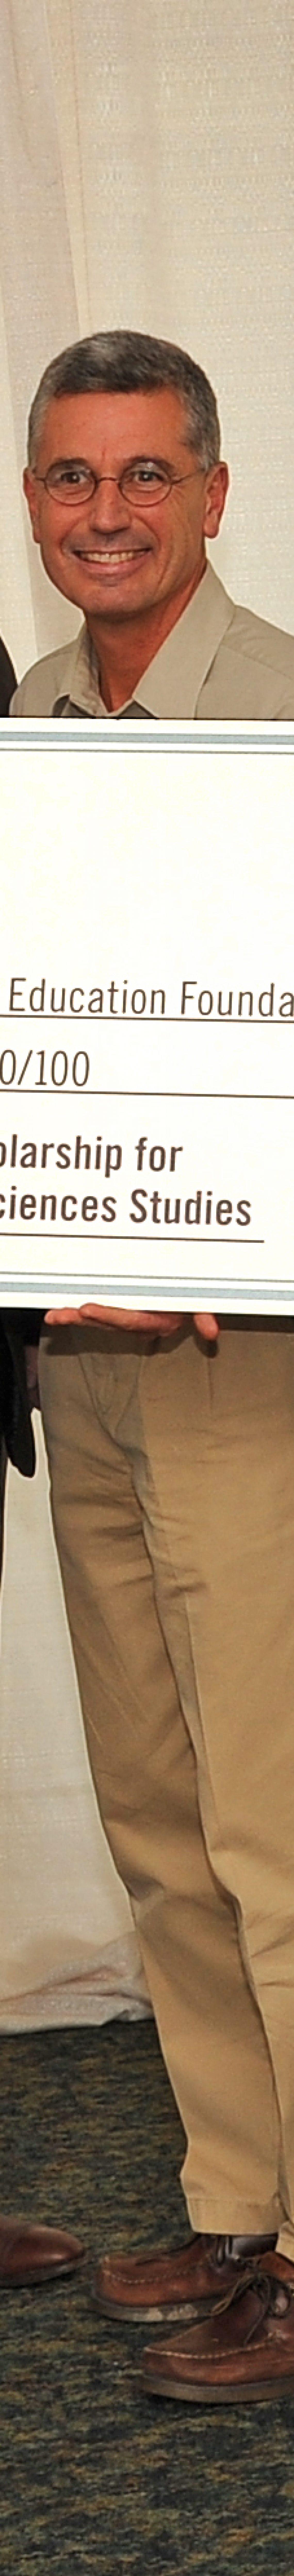 CJRW Endows Tyson Memorial Scholarship